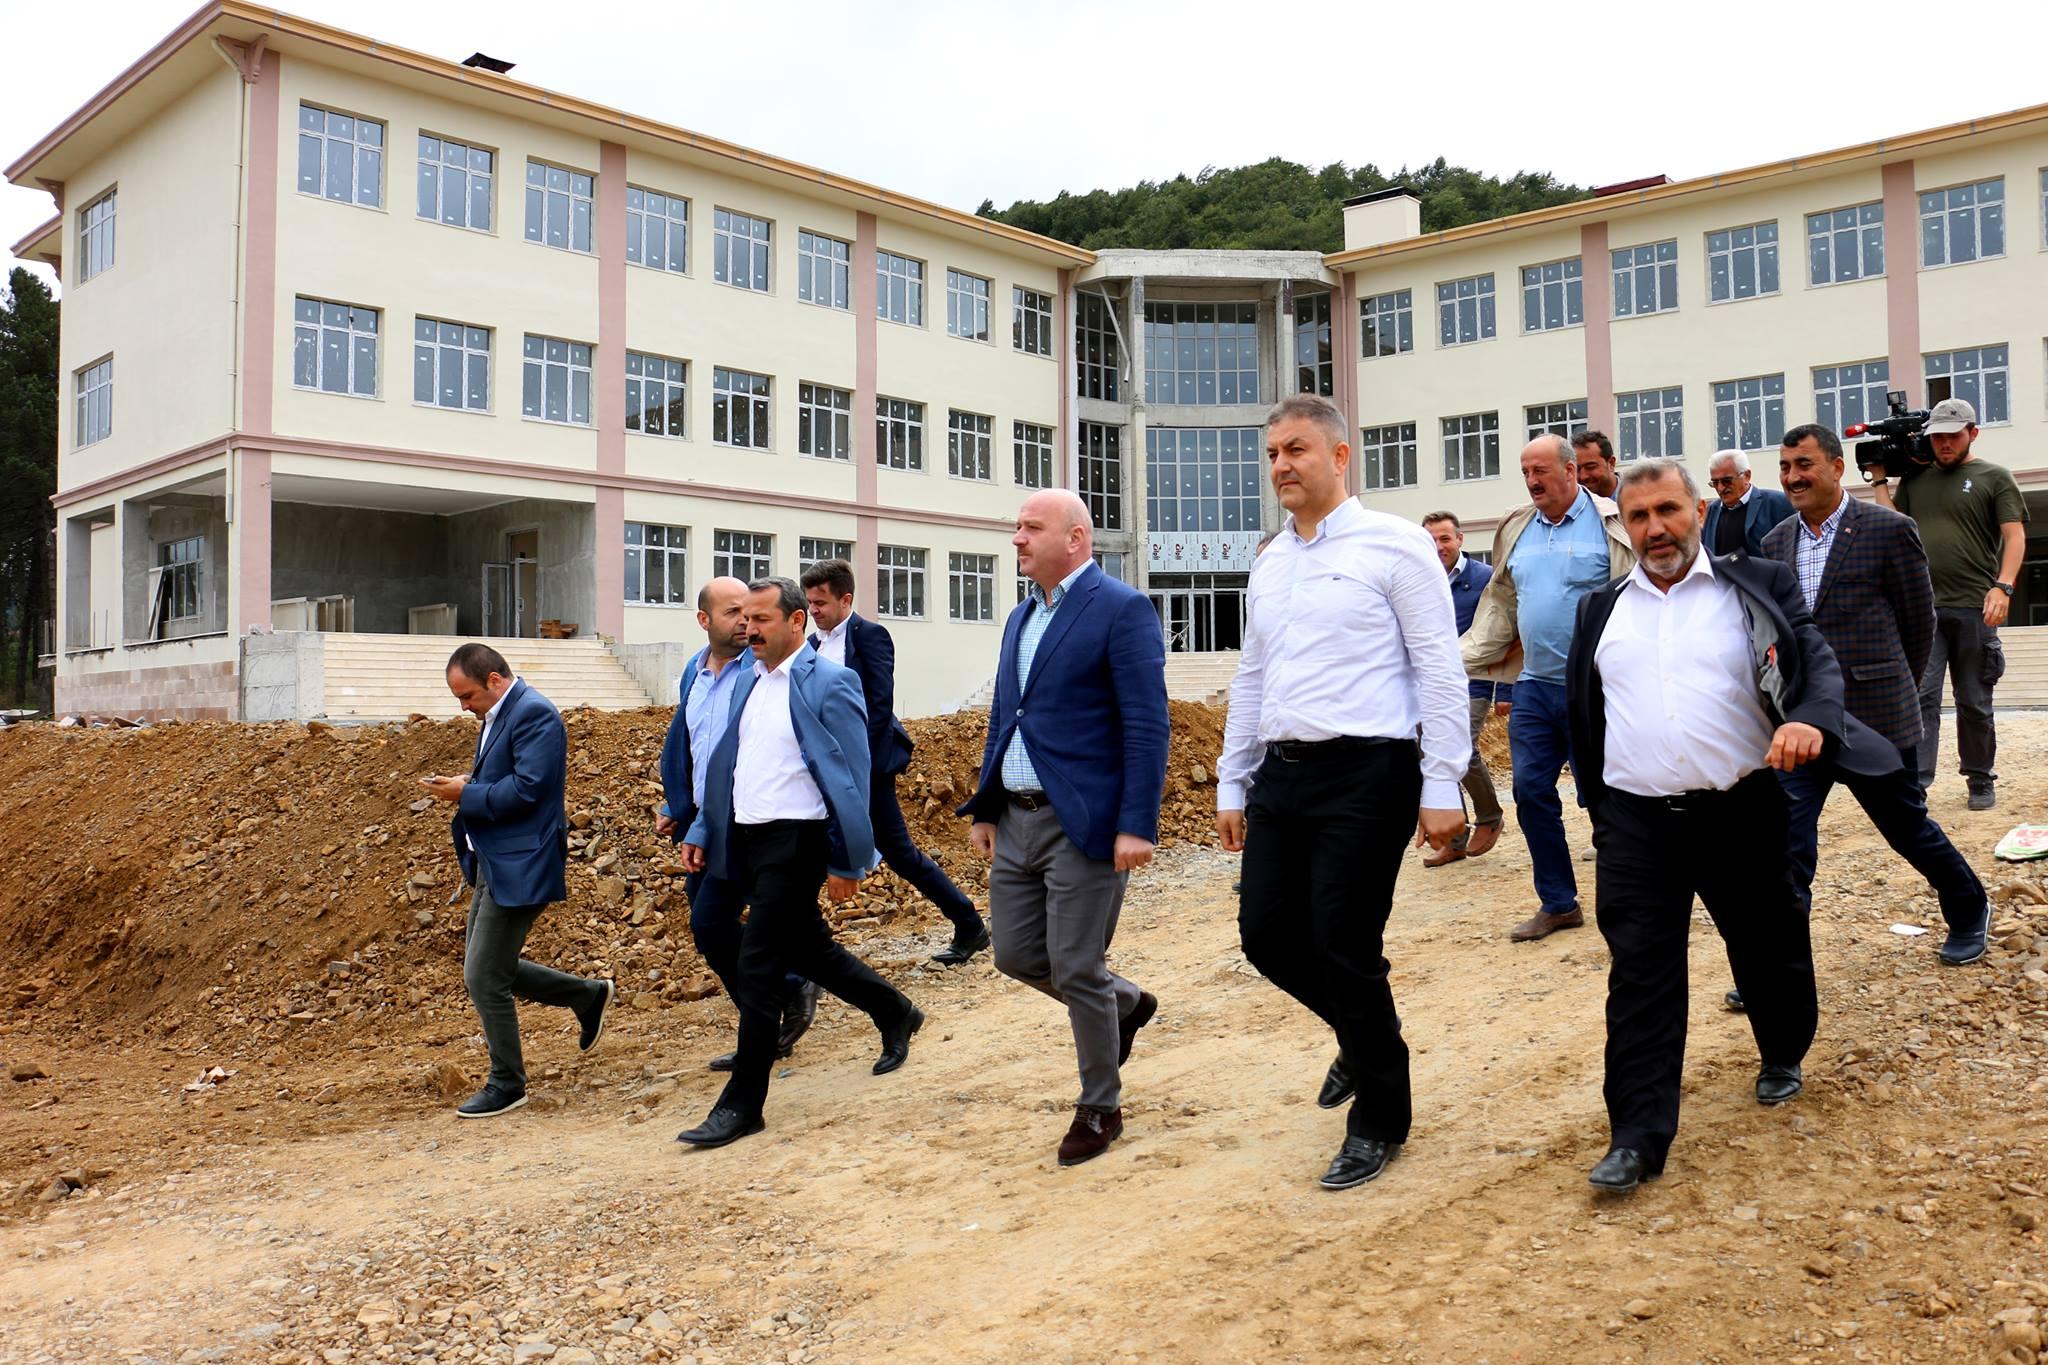 Ak Parti Ordu Milletvekili Metin Gündoğdu Akkuş ilçesini ziyaret ederek yatırımları yerinde inceledi. Asfaltlı Yol Çalışmasını Yerinde Gördü.